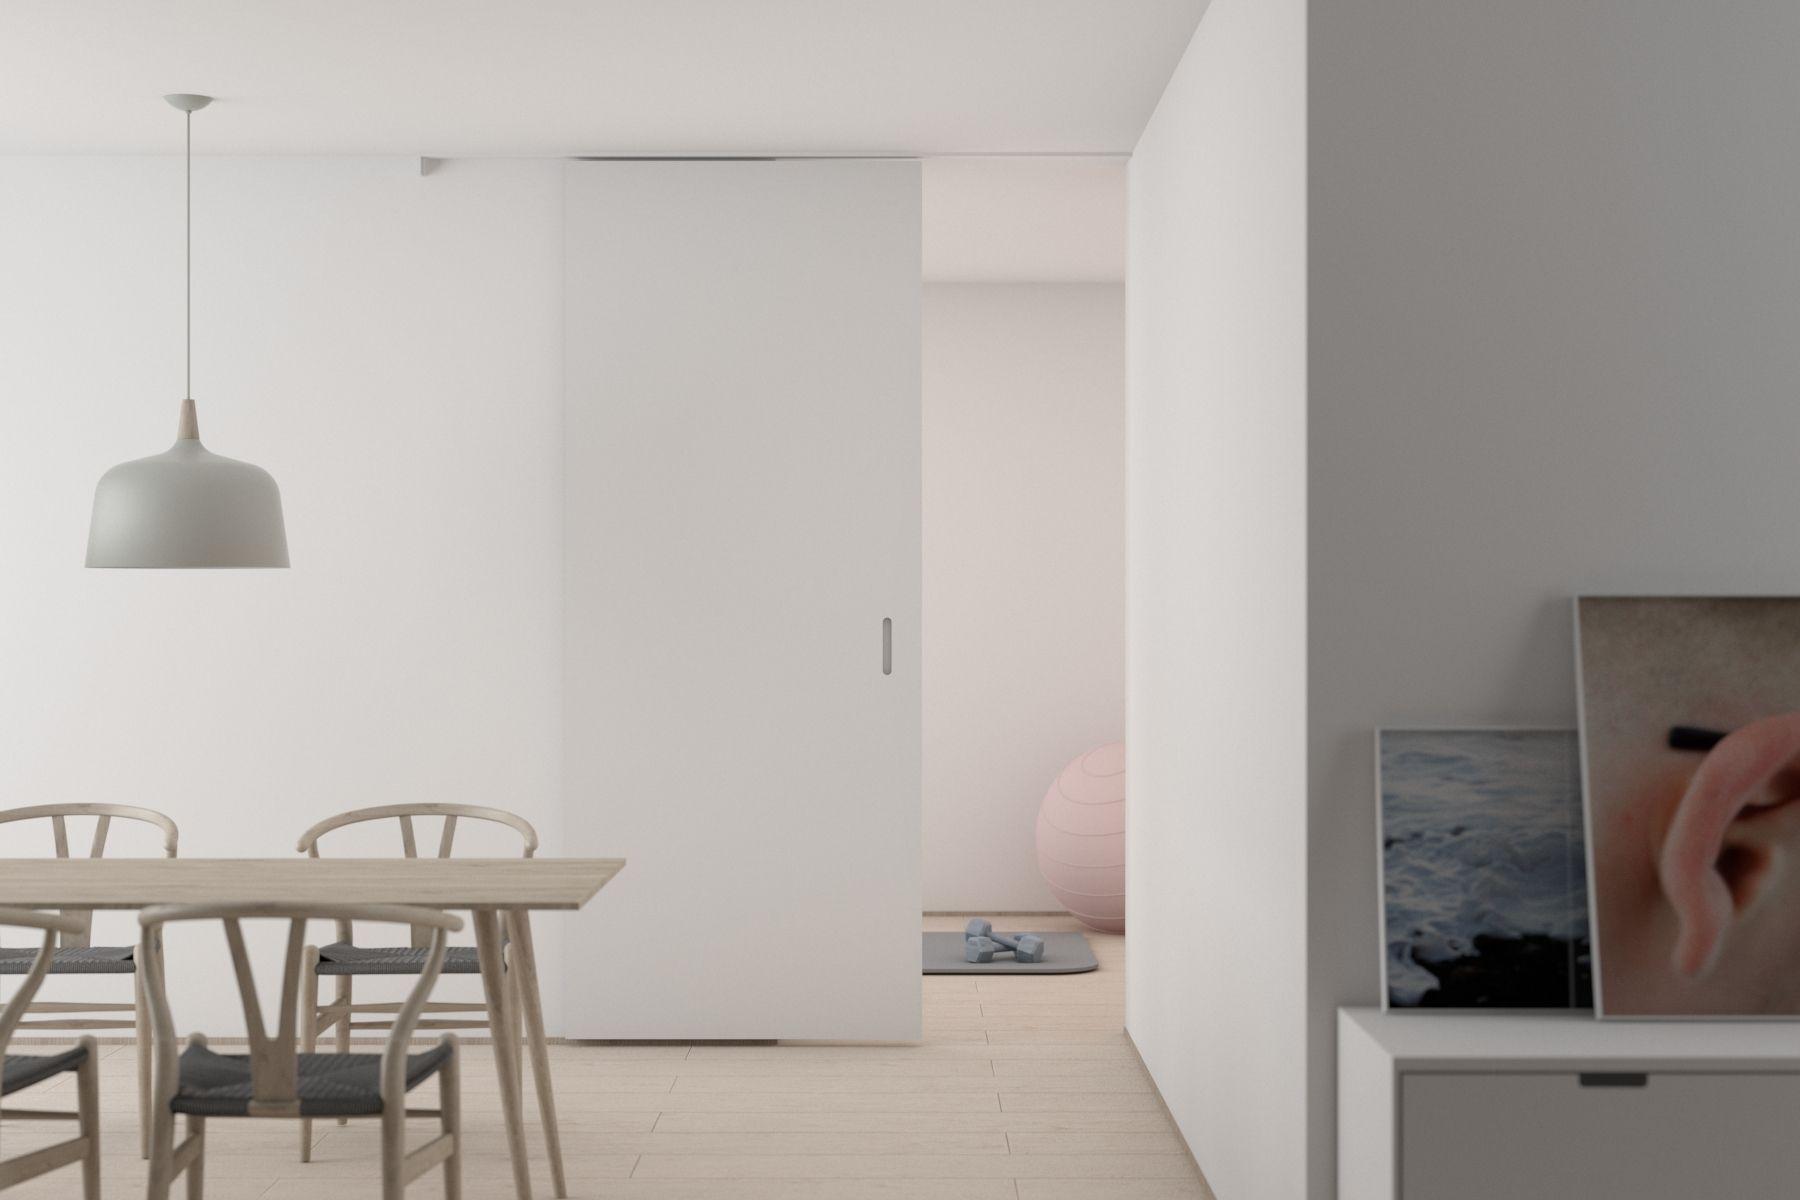 Alquiler seguro en Madrid- ¿Cómo evitar impago de tus inquilinos?